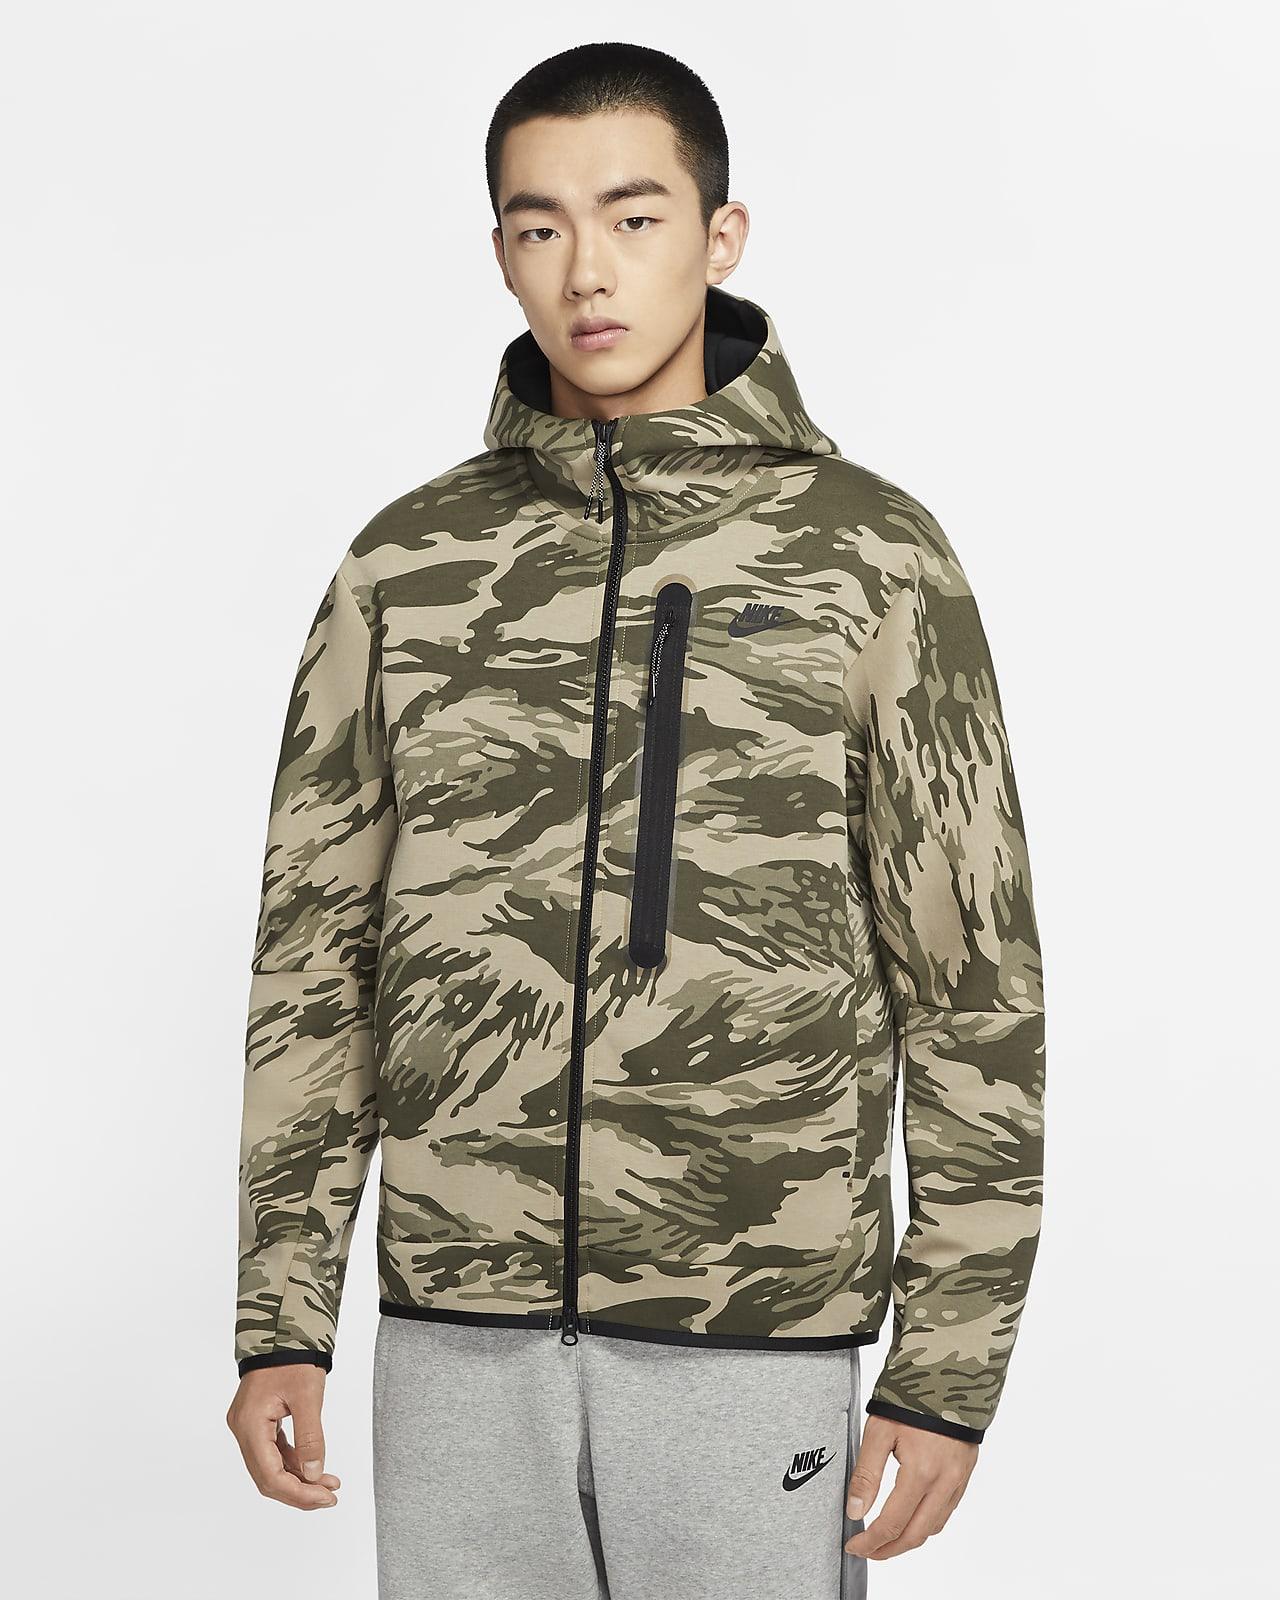 Nike Sportswear Tech Fleece 男子全长拉链开襟连帽衫